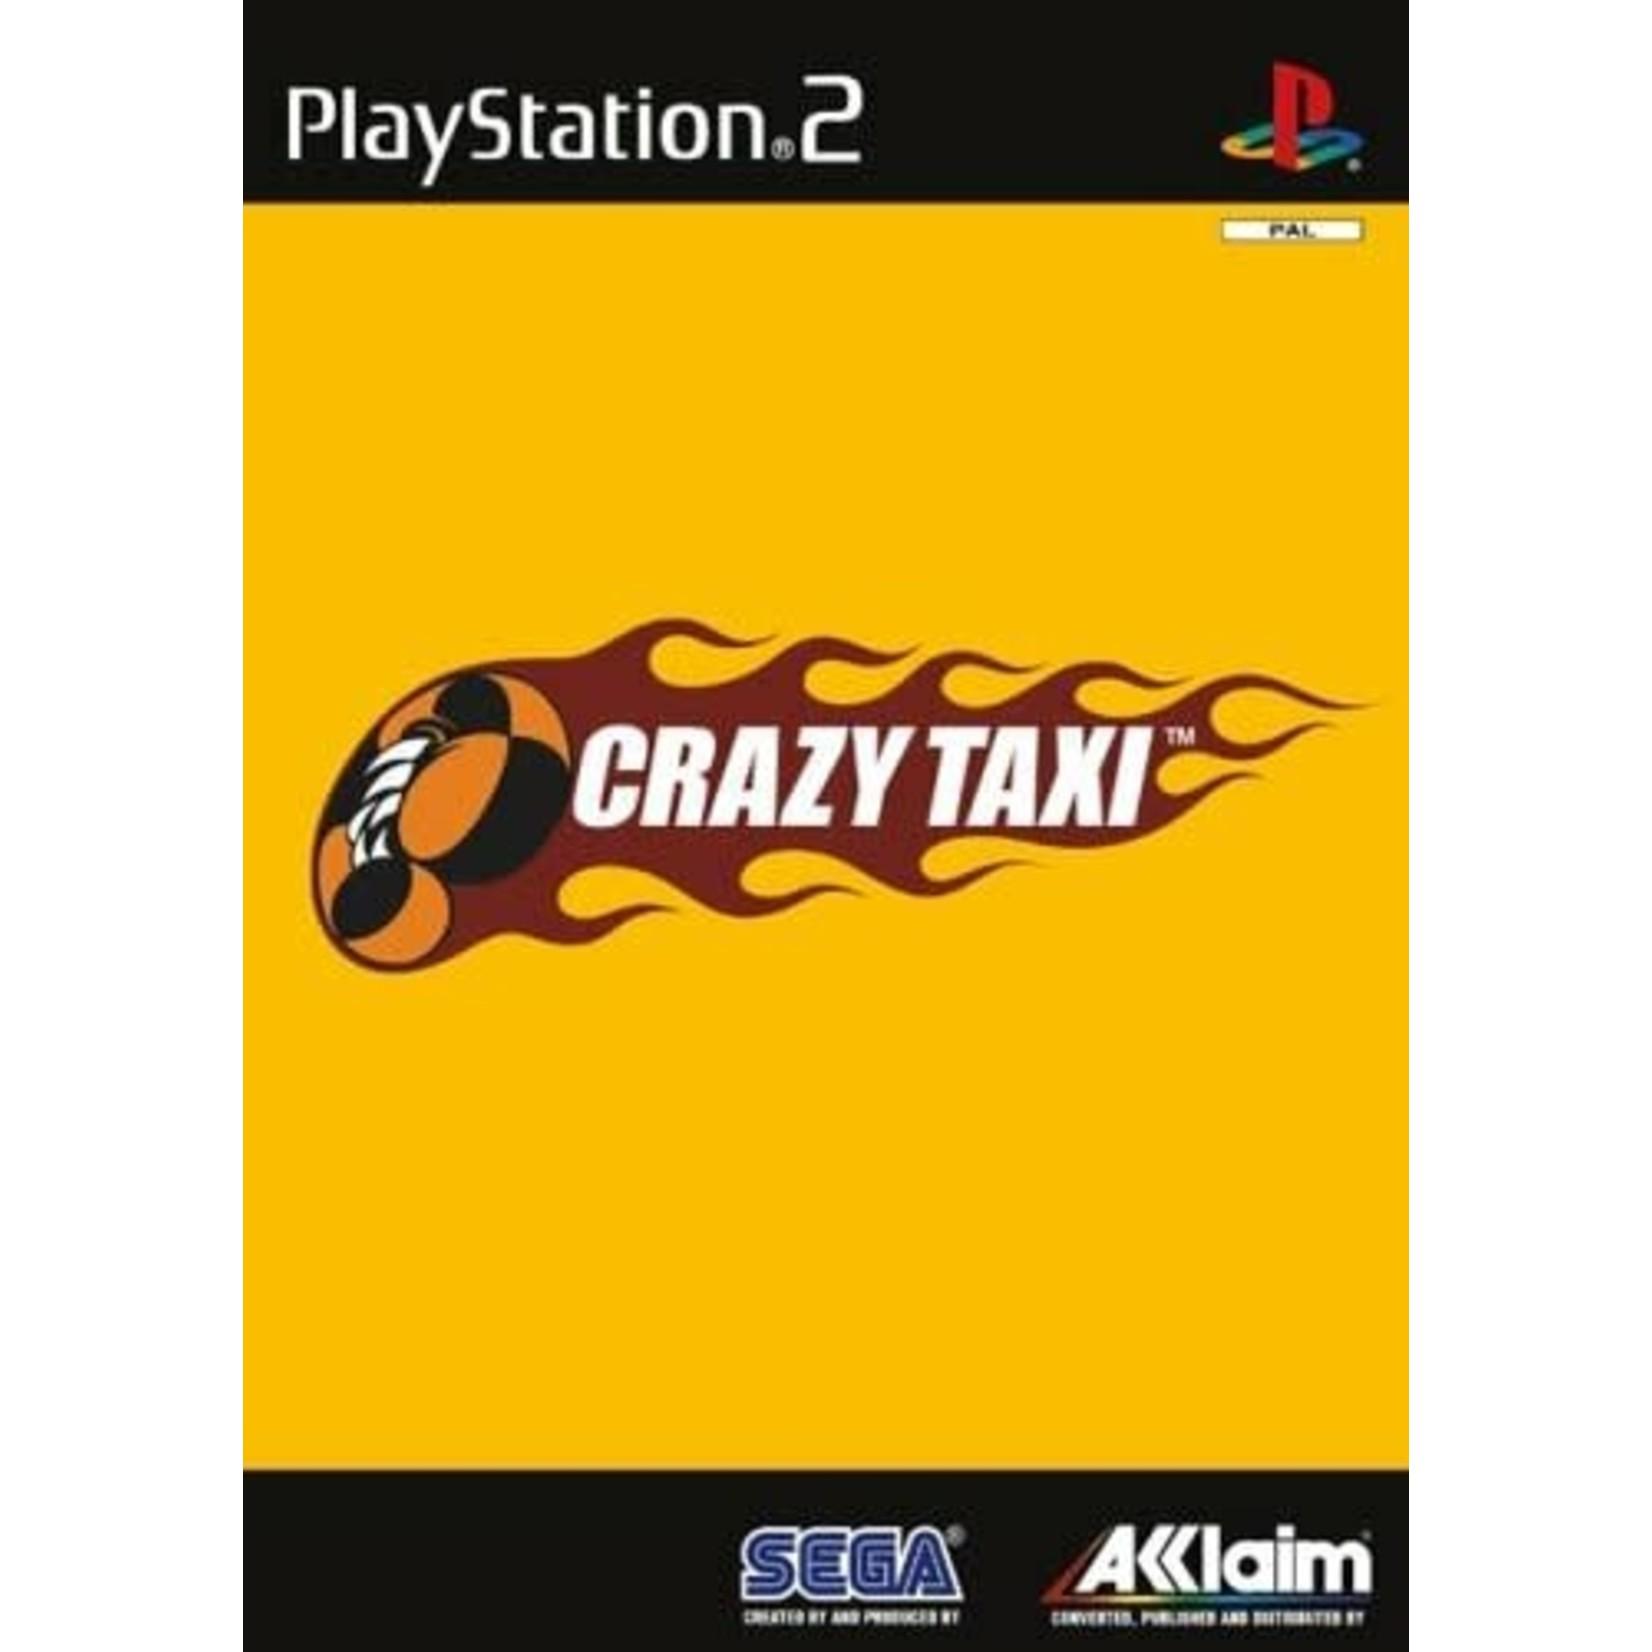 ps2u-Crazy taxi